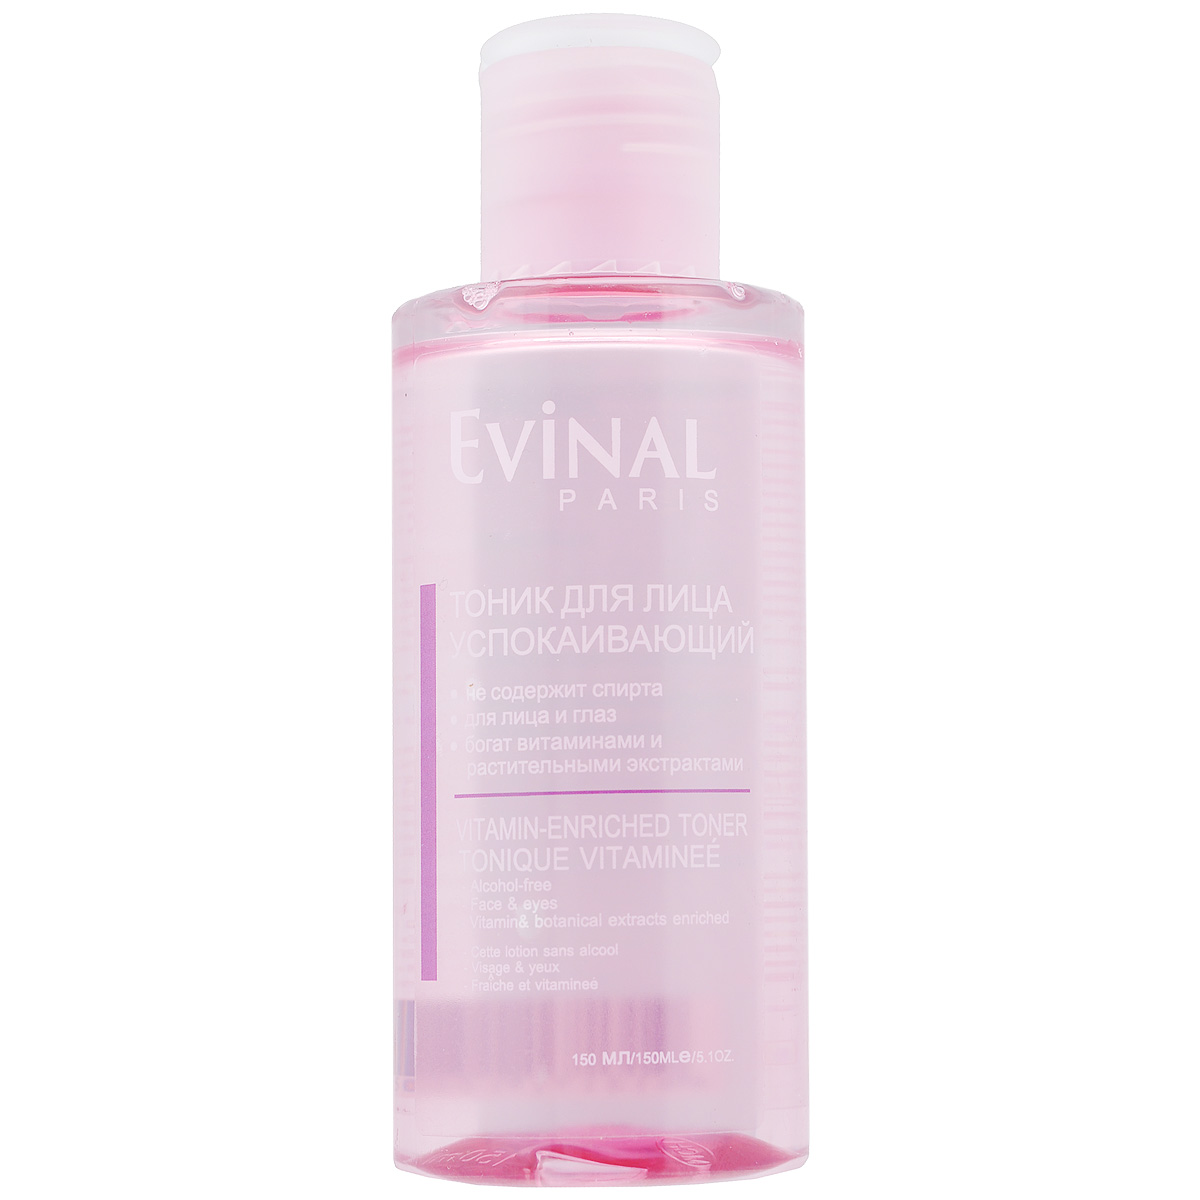 Evinal Тоник для лица, успокаивающий, 150 мл0868Нежный тоник Evinal завершает процесс очищения кожи, идеально подготавливая ее к дальнейшему уходу (использованию дневного или ночного крема). Тоник содержит специальный комплексный экстракт из авокадо, календулы и ромашки, который оказывает благотворное влияние на кожу. Сапонины мыльного дерева, современная альтернатива ПАВам и мылу, эффективно очищают кожу, не раздражая ее. Тоник используется после применения лосьона или молочка для снятия макияжа.Характеристики:Объем: 150 мл. Артикул: 0868. Производитель: Россия. Товар сертифицирован.